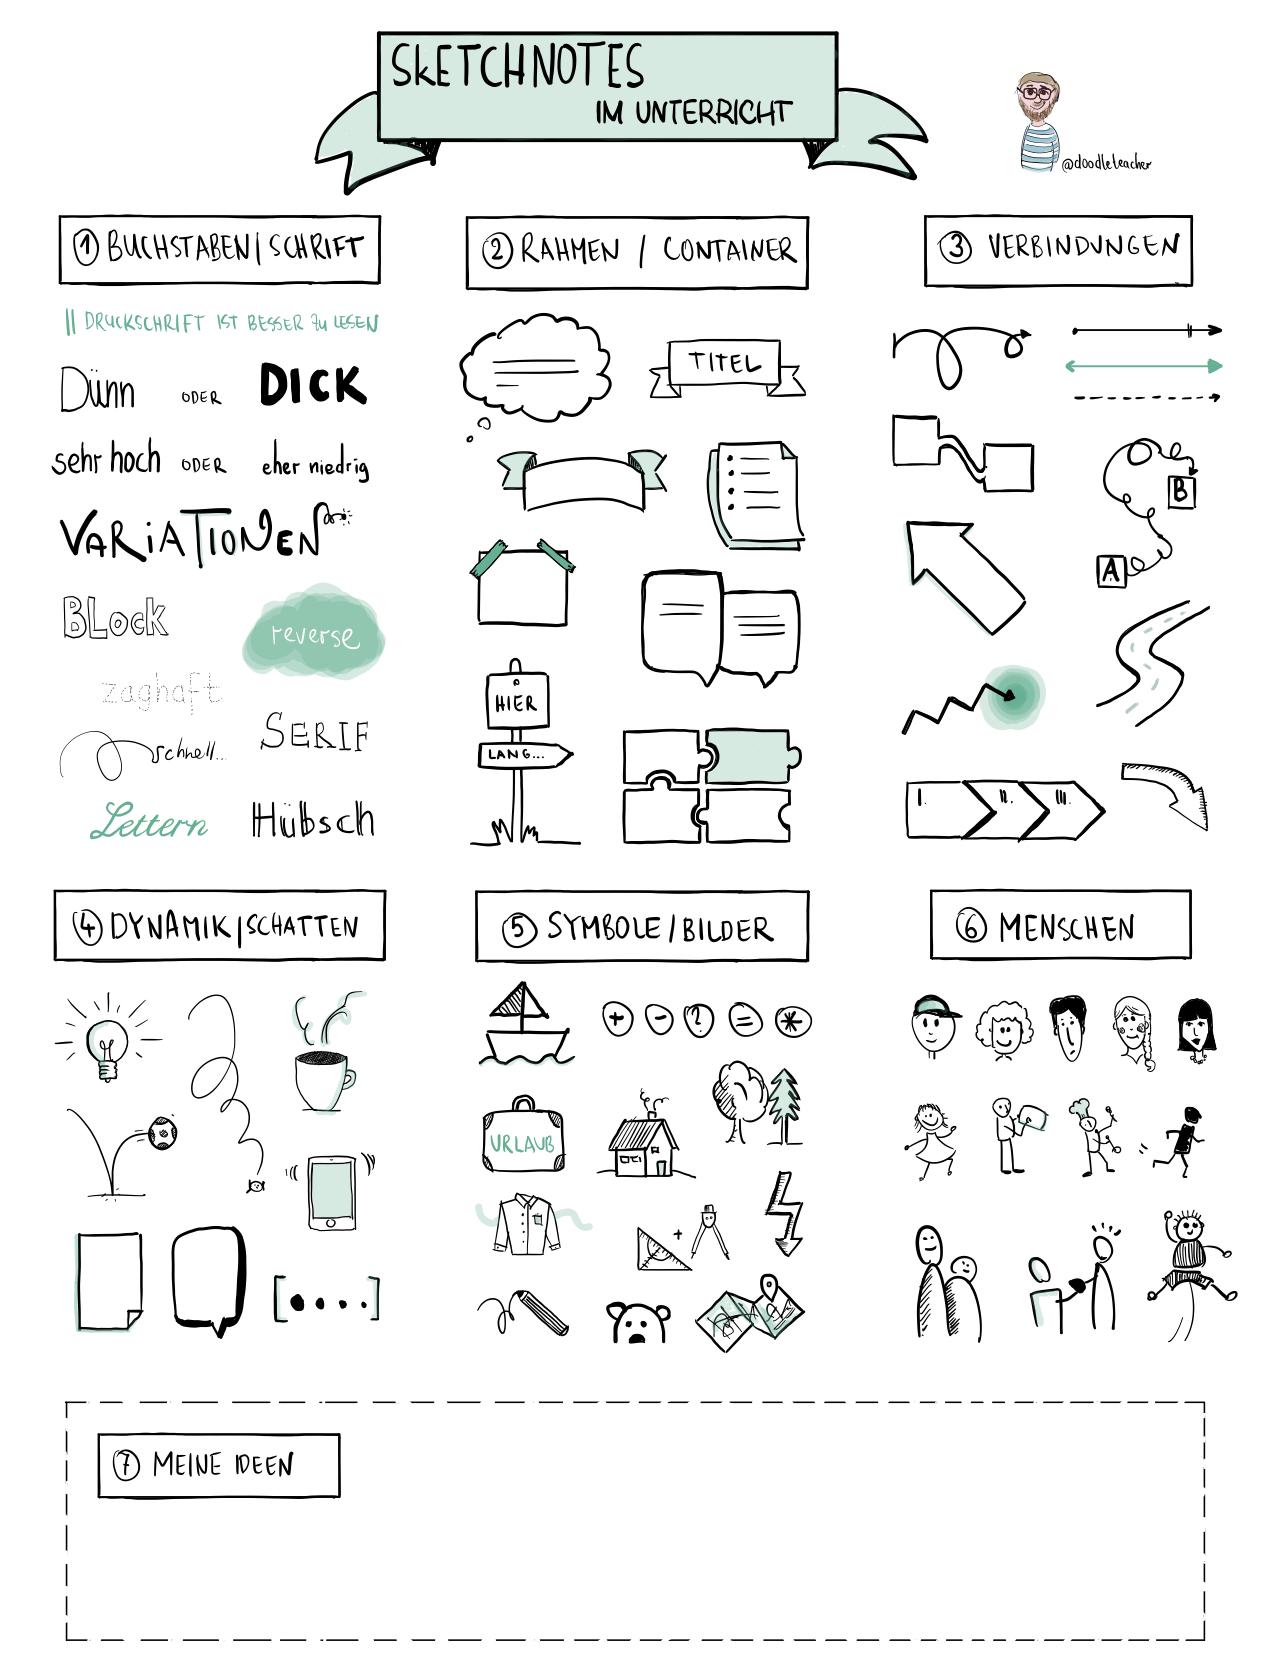 Templates Fur Sketchnotes Und Visualisierungen 8